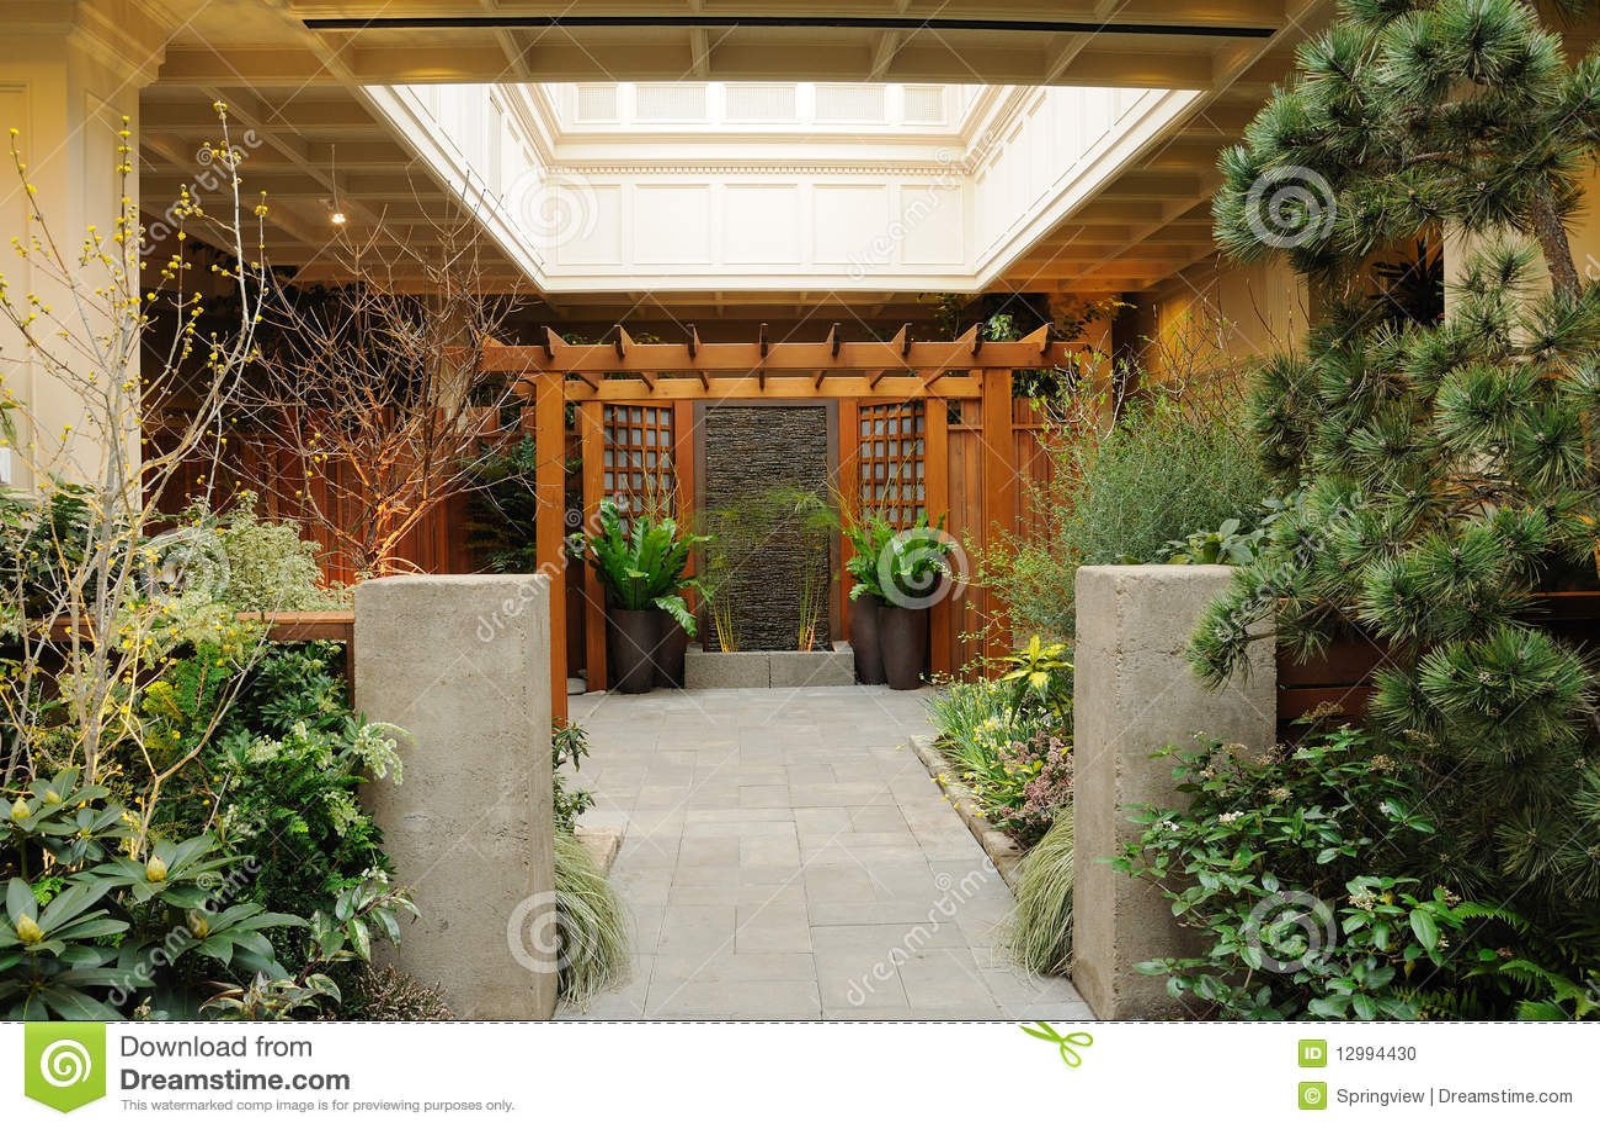 fotos de jardim interno : fotos de jardim interno:Jardim interno dentro do jardim de Butchart em victoria, Columbia